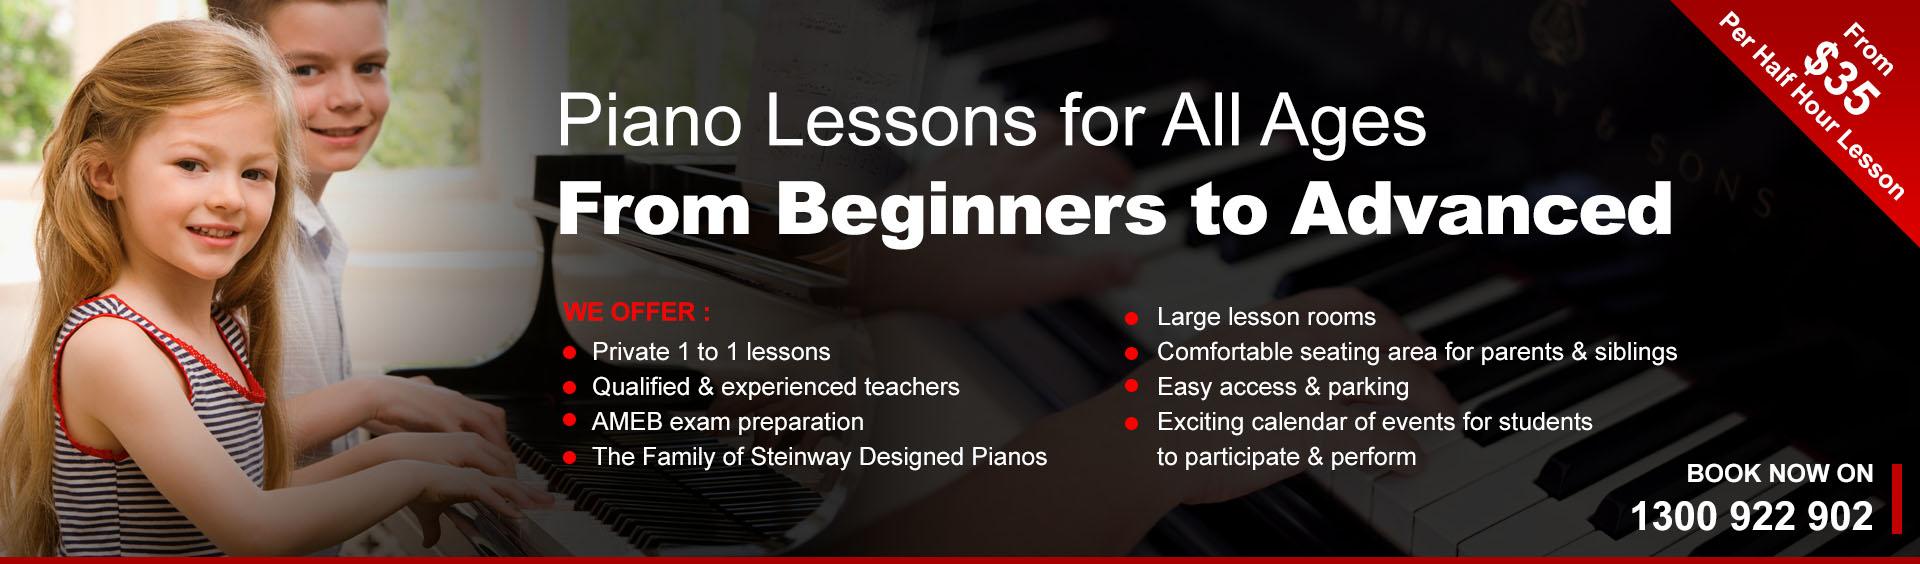 Piano_lesson_web